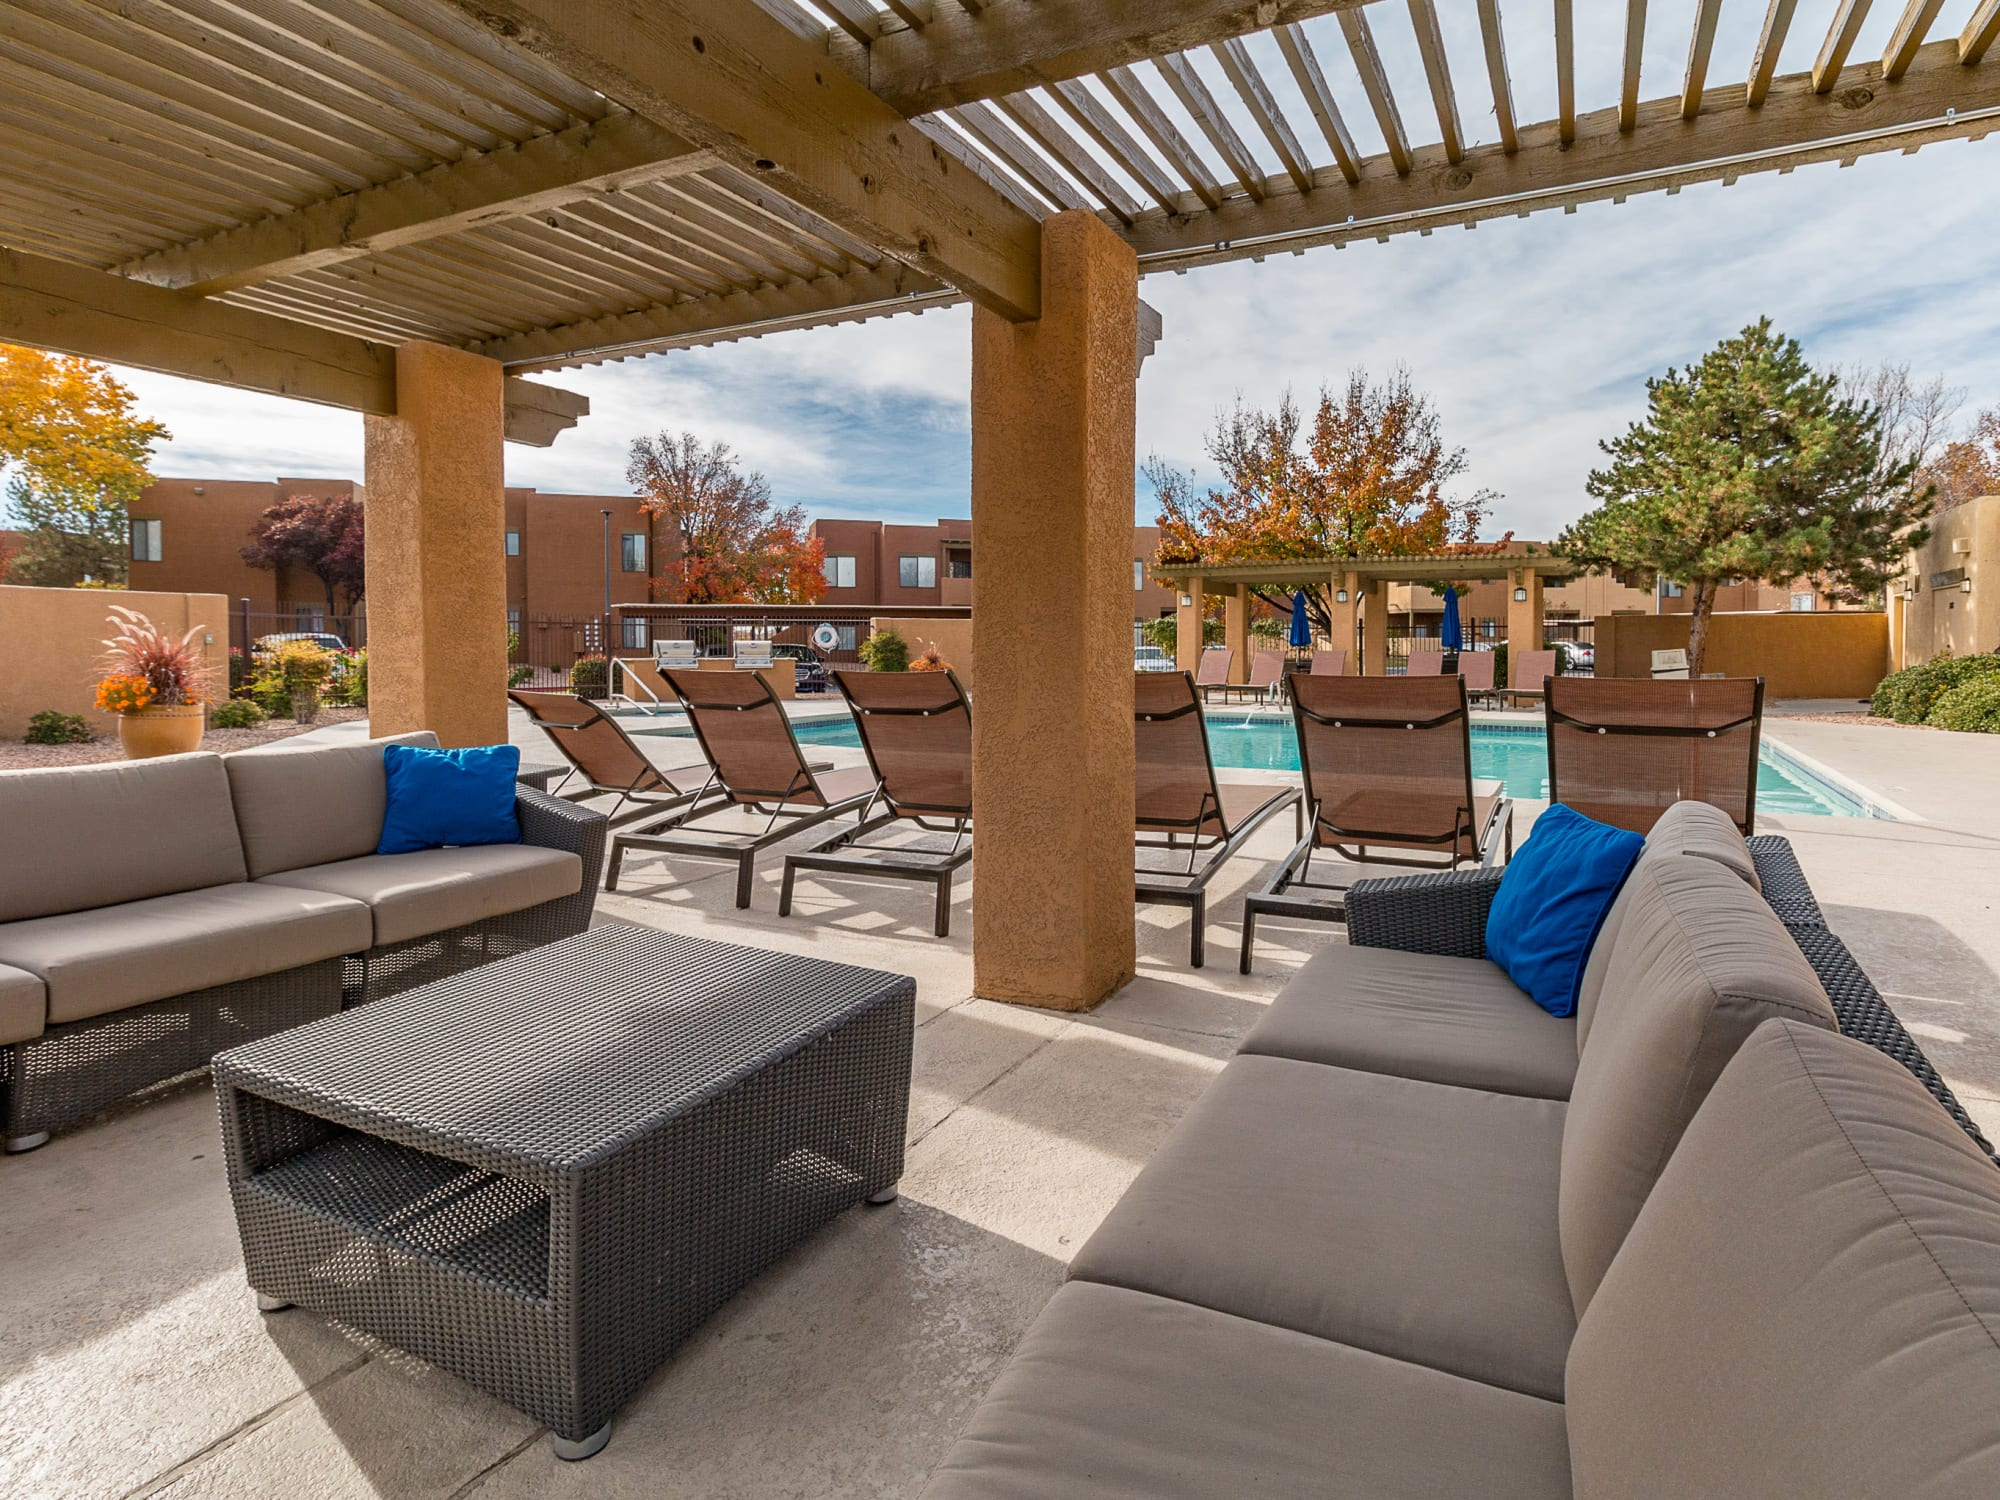 Apartments in Albuquerque, New Mexico at San Miguel del Bosque